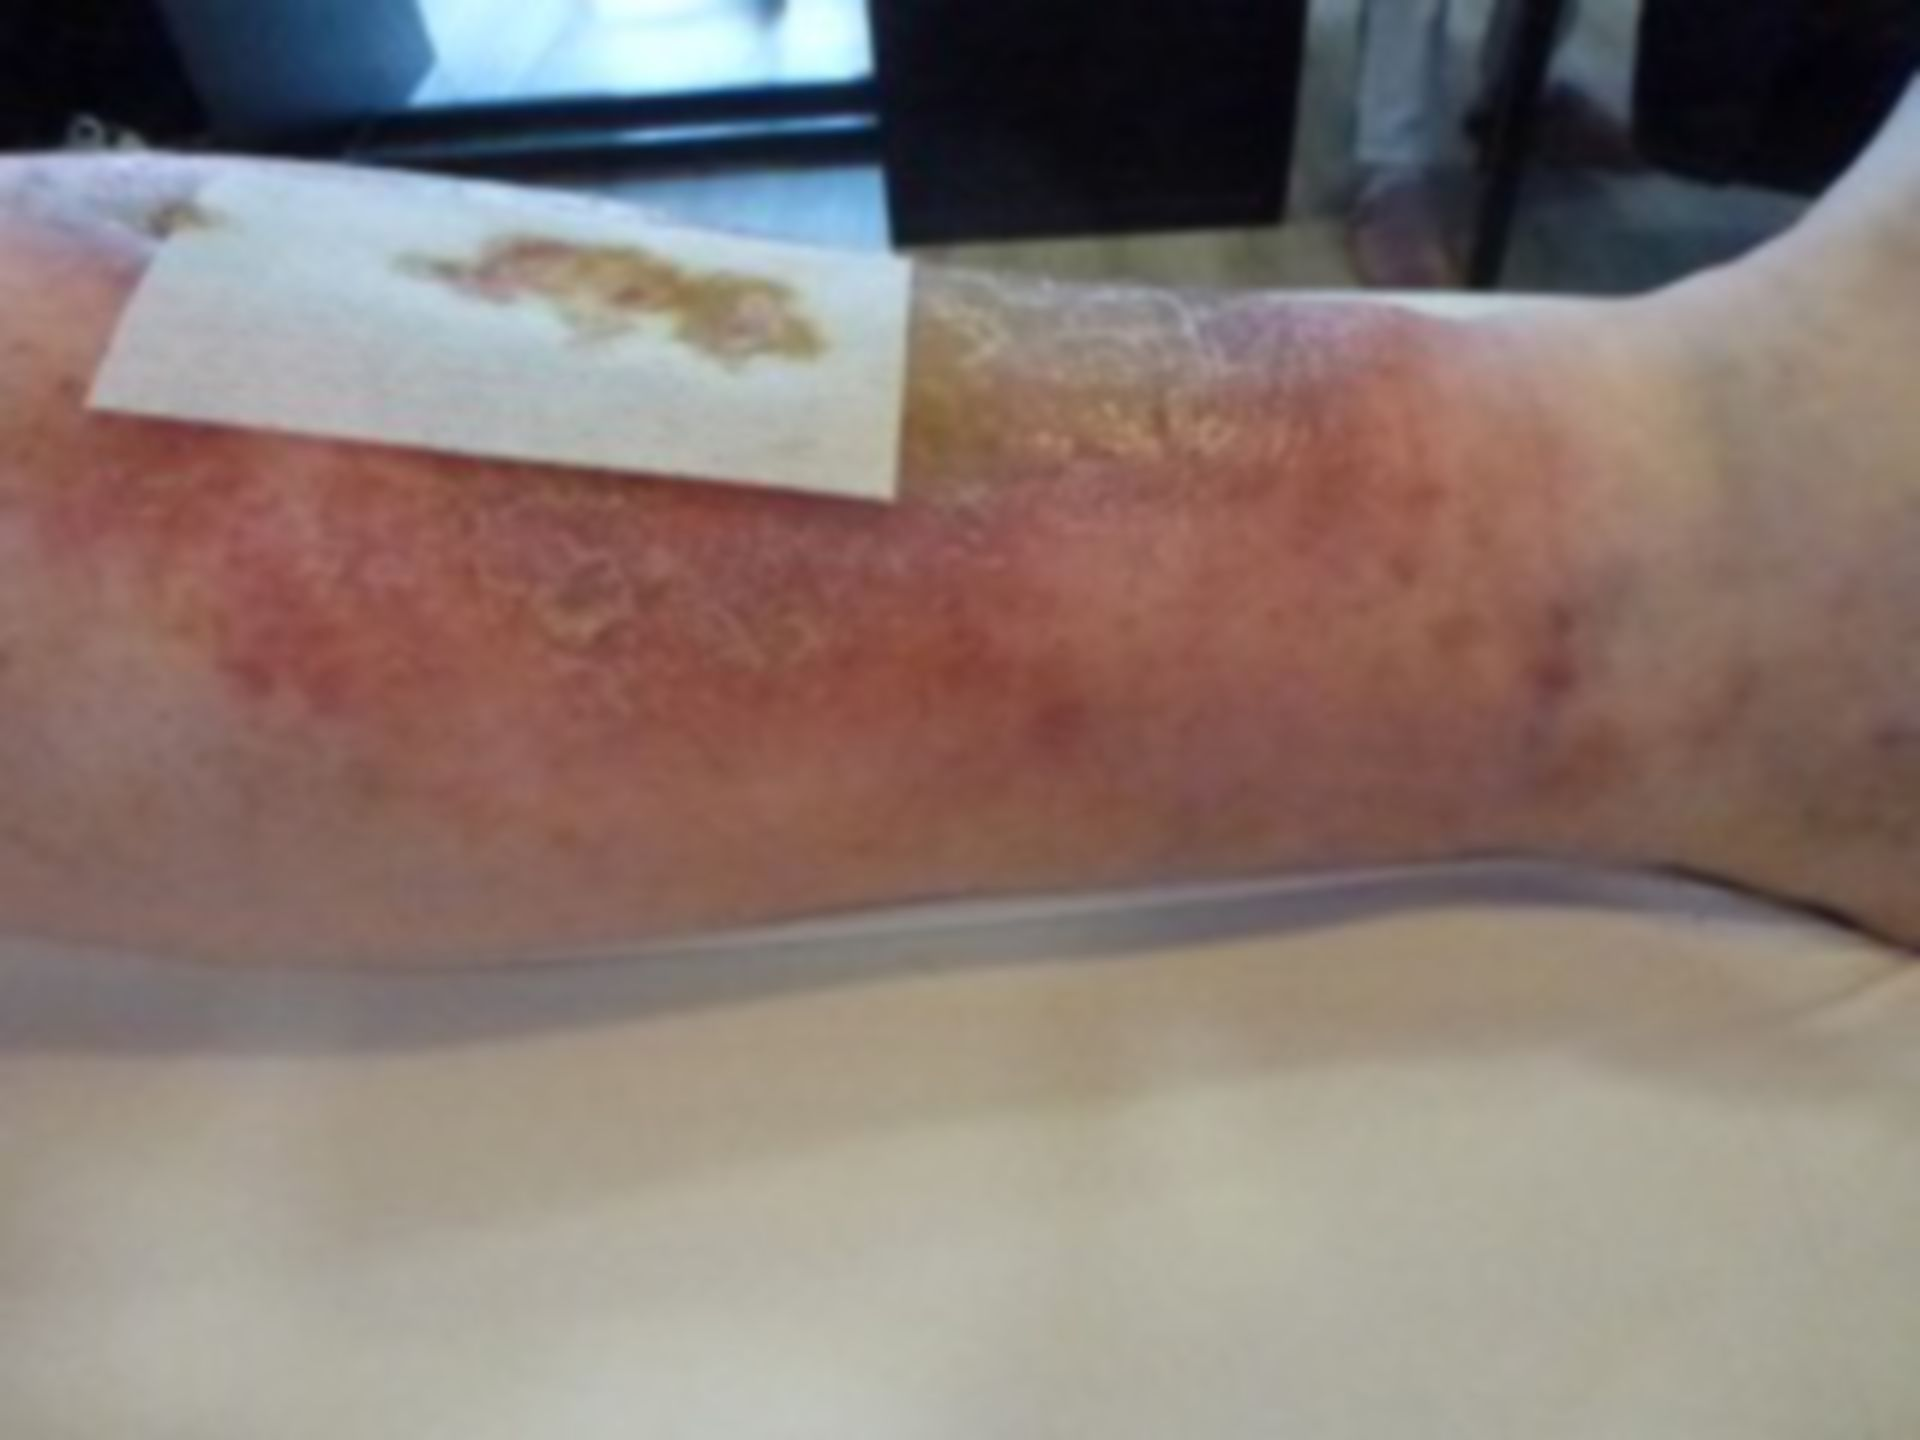 Úlcera de la pierna - abierta por 20 años: no compresión (4)